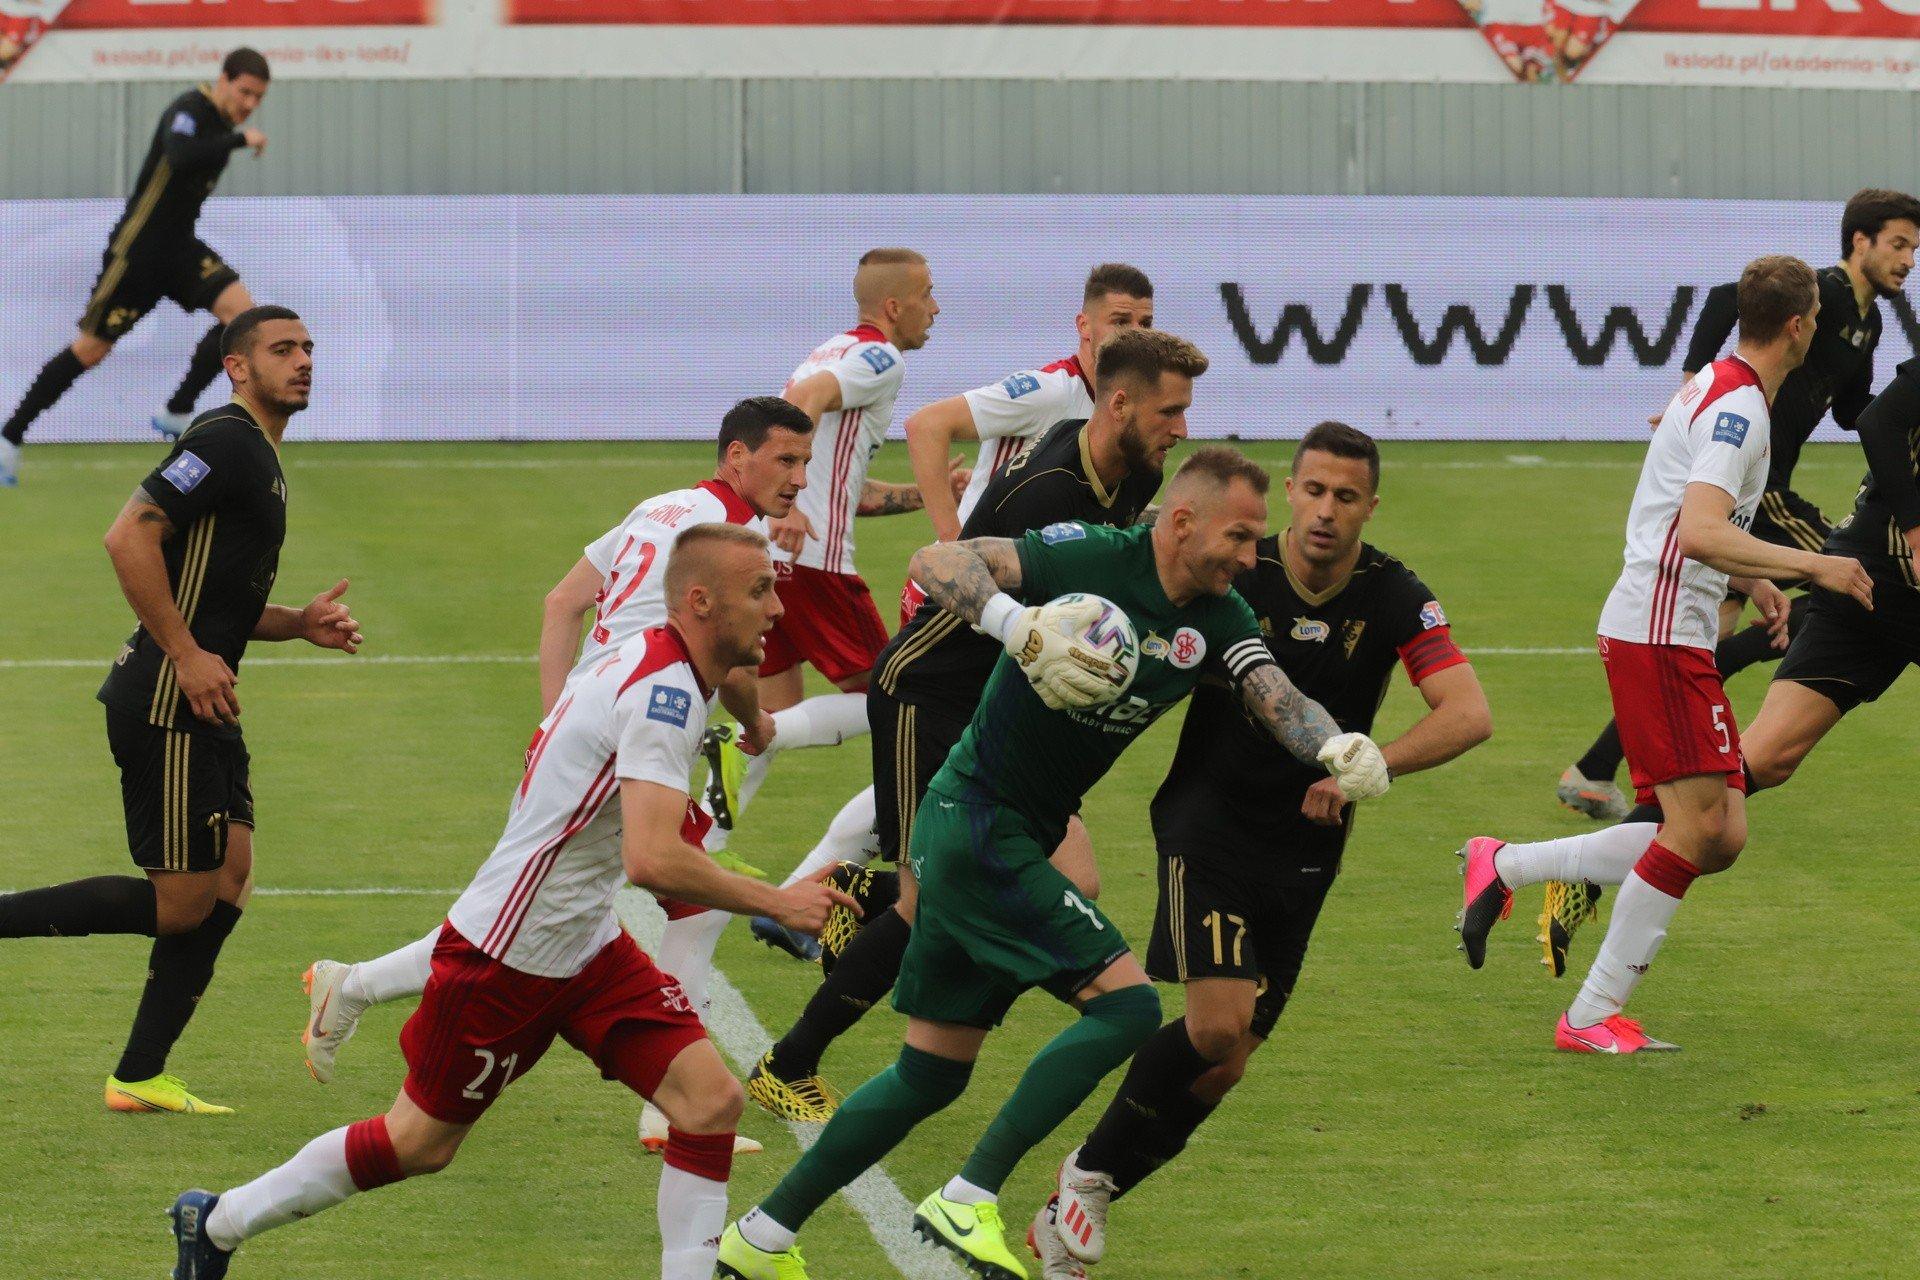 Siedem pożegnalnych meczów ŁKS Łódź z elitą             | Dziennik Łódzki